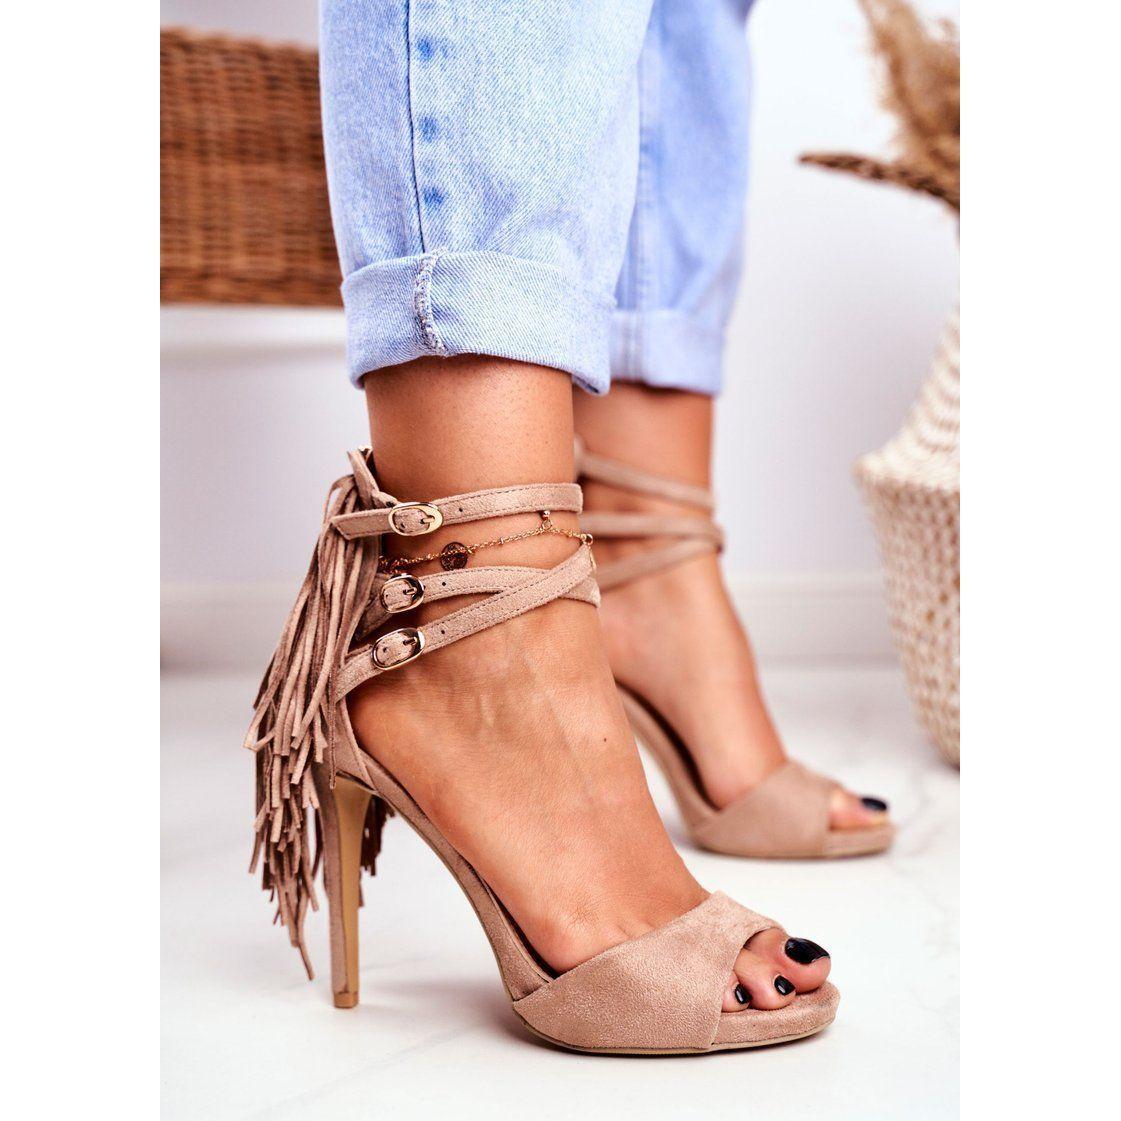 Lu Boo Sandaly Damskie Na Szpilce Gladiatorki Bezowe Carnival Bezowy Heels Stiletto Heels Stiletto